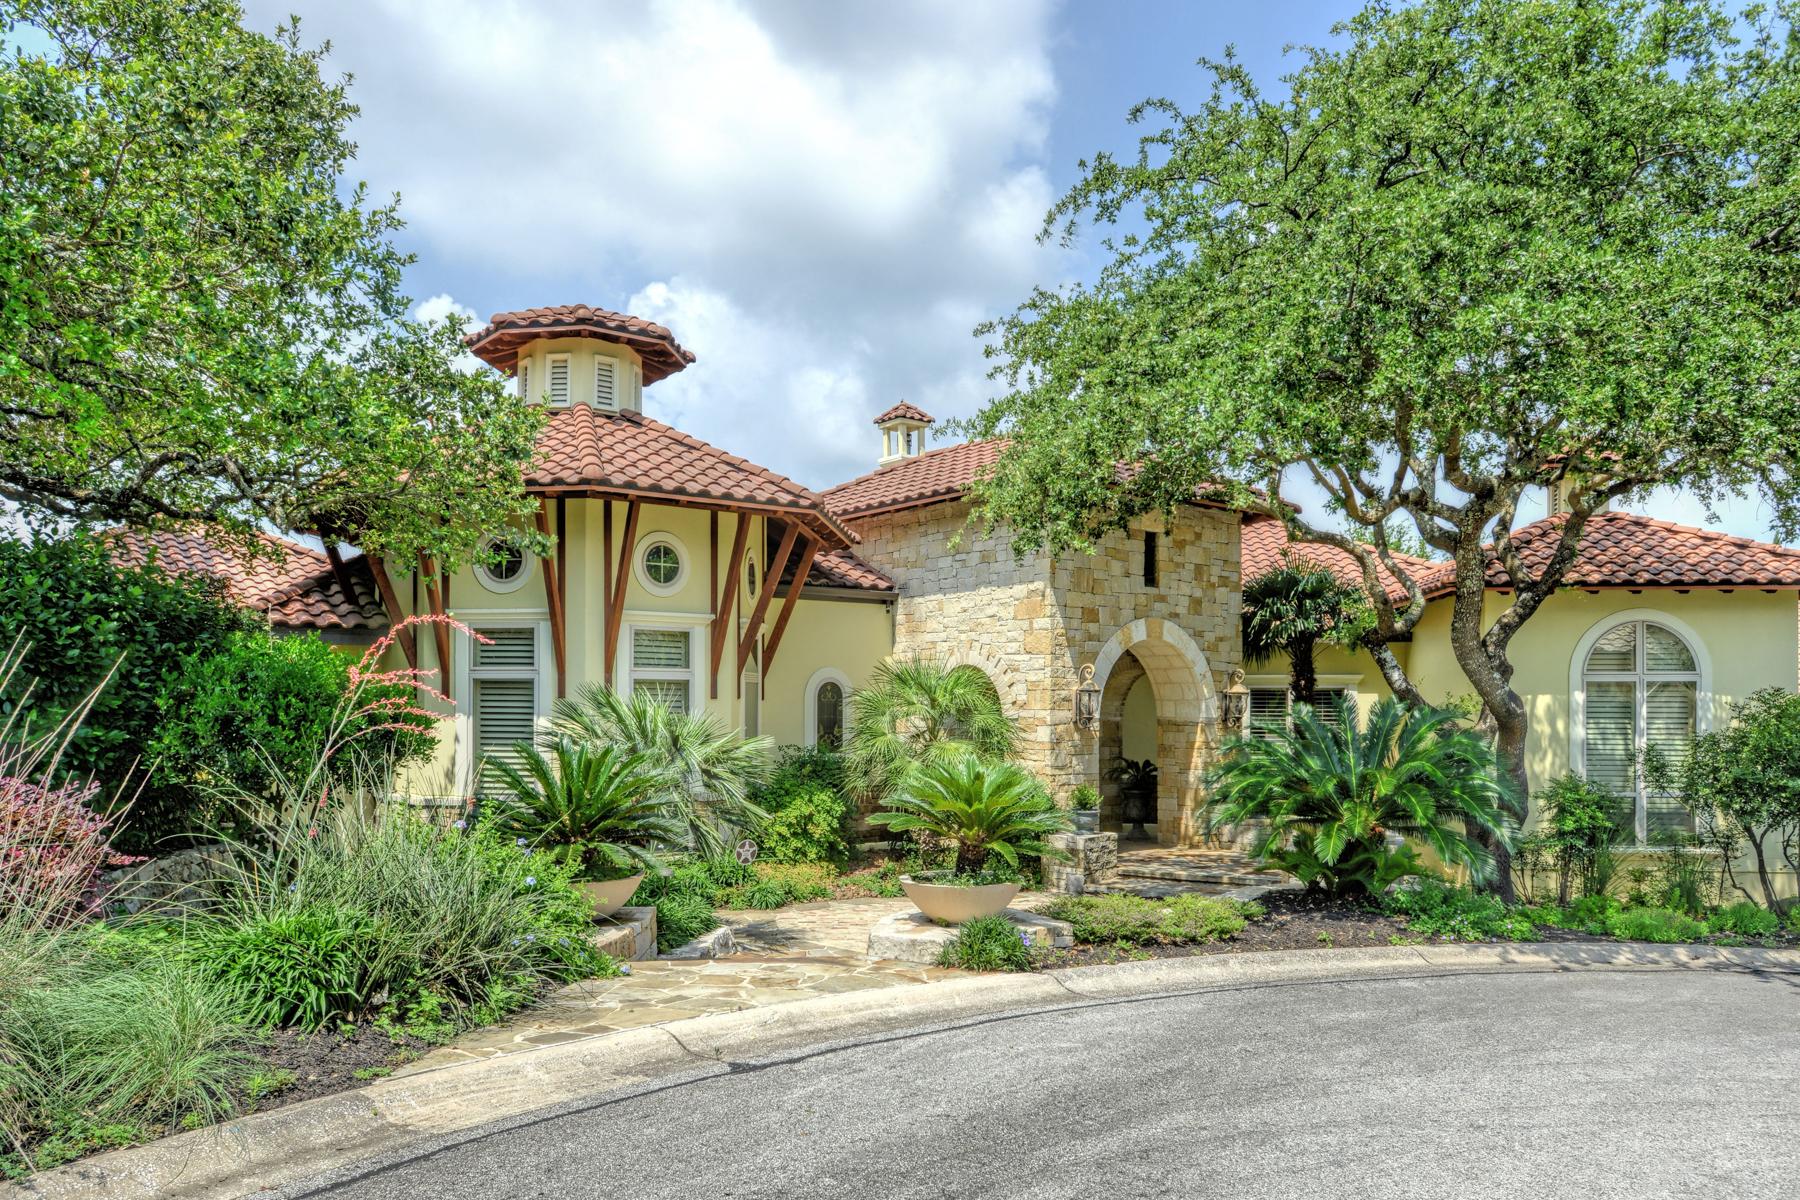 Single Family Home for Sale at Breathtaking Kenigstein Estate in The Dominion 7 Venice Ct The Dominion, San Antonio, Texas, 78257 United States